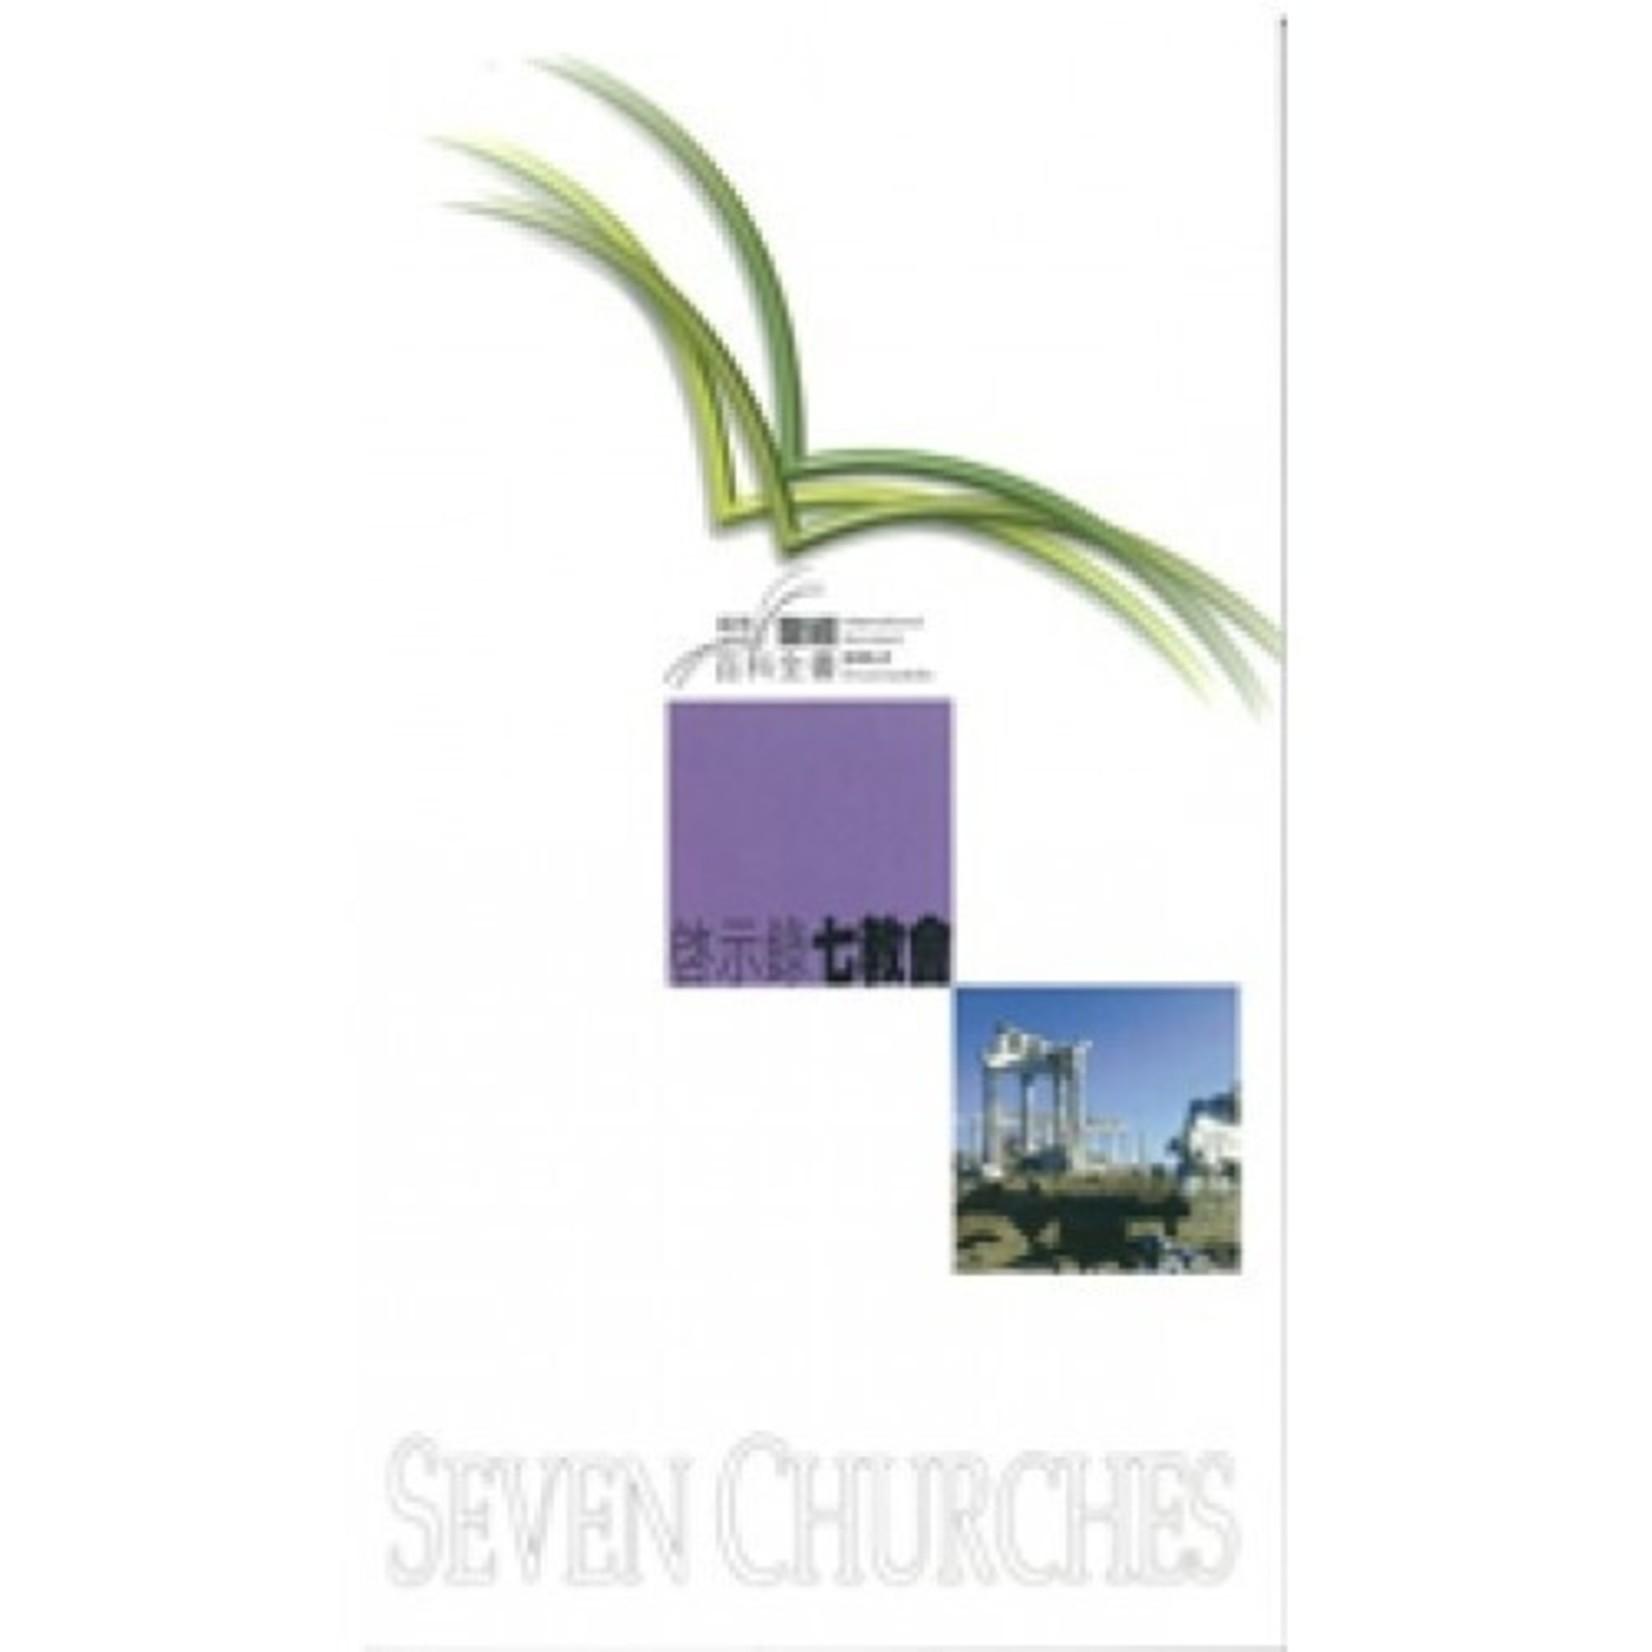 漢語聖經協會 Chinese Bible International 國際聖經百科全書:啟示錄七教會 Seven Churches in Revelation